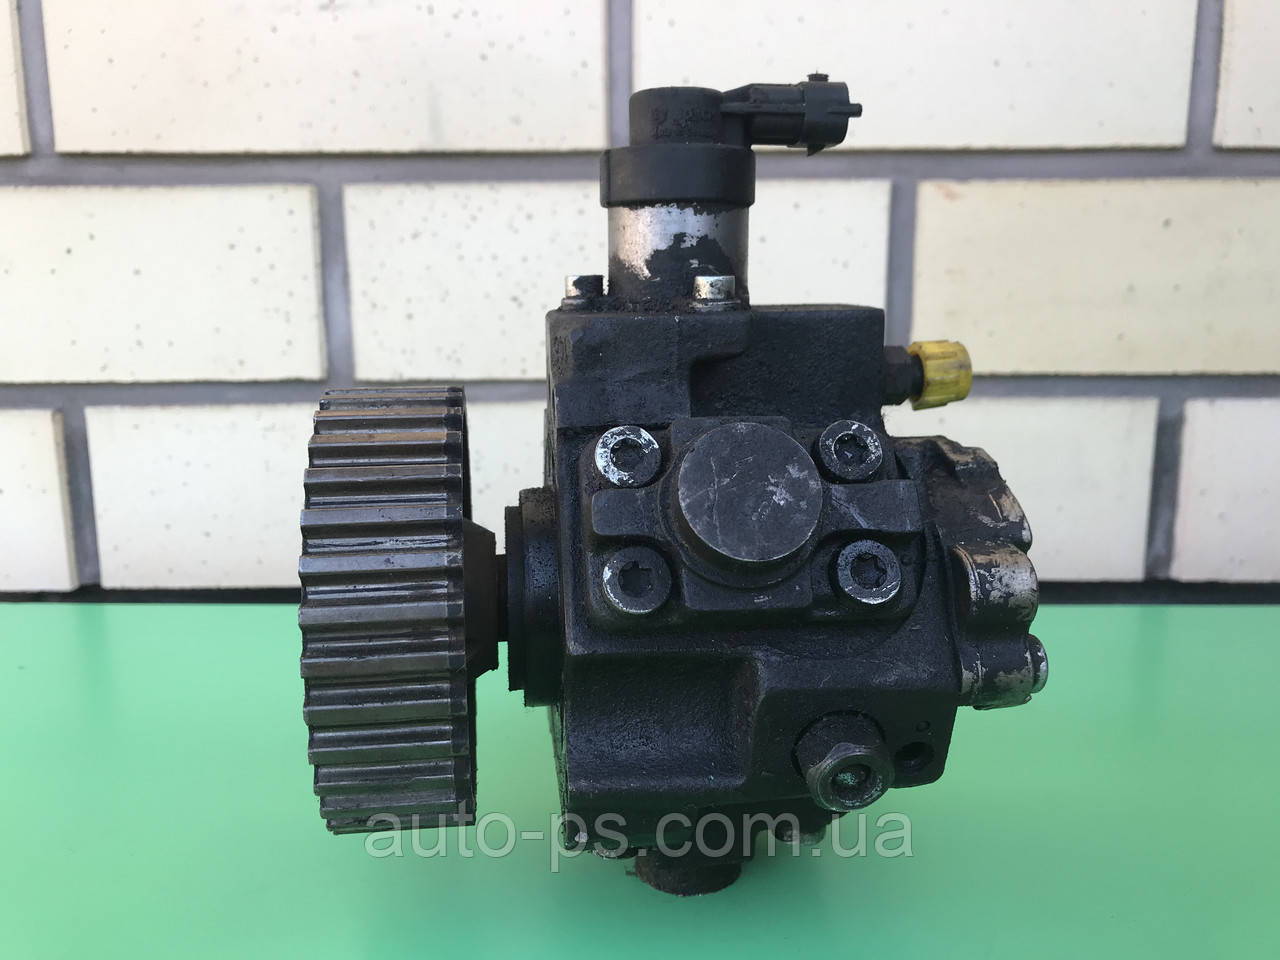 Топливный насос высокого давления (ТНВД) Citroen Jumpy 1.6HDI